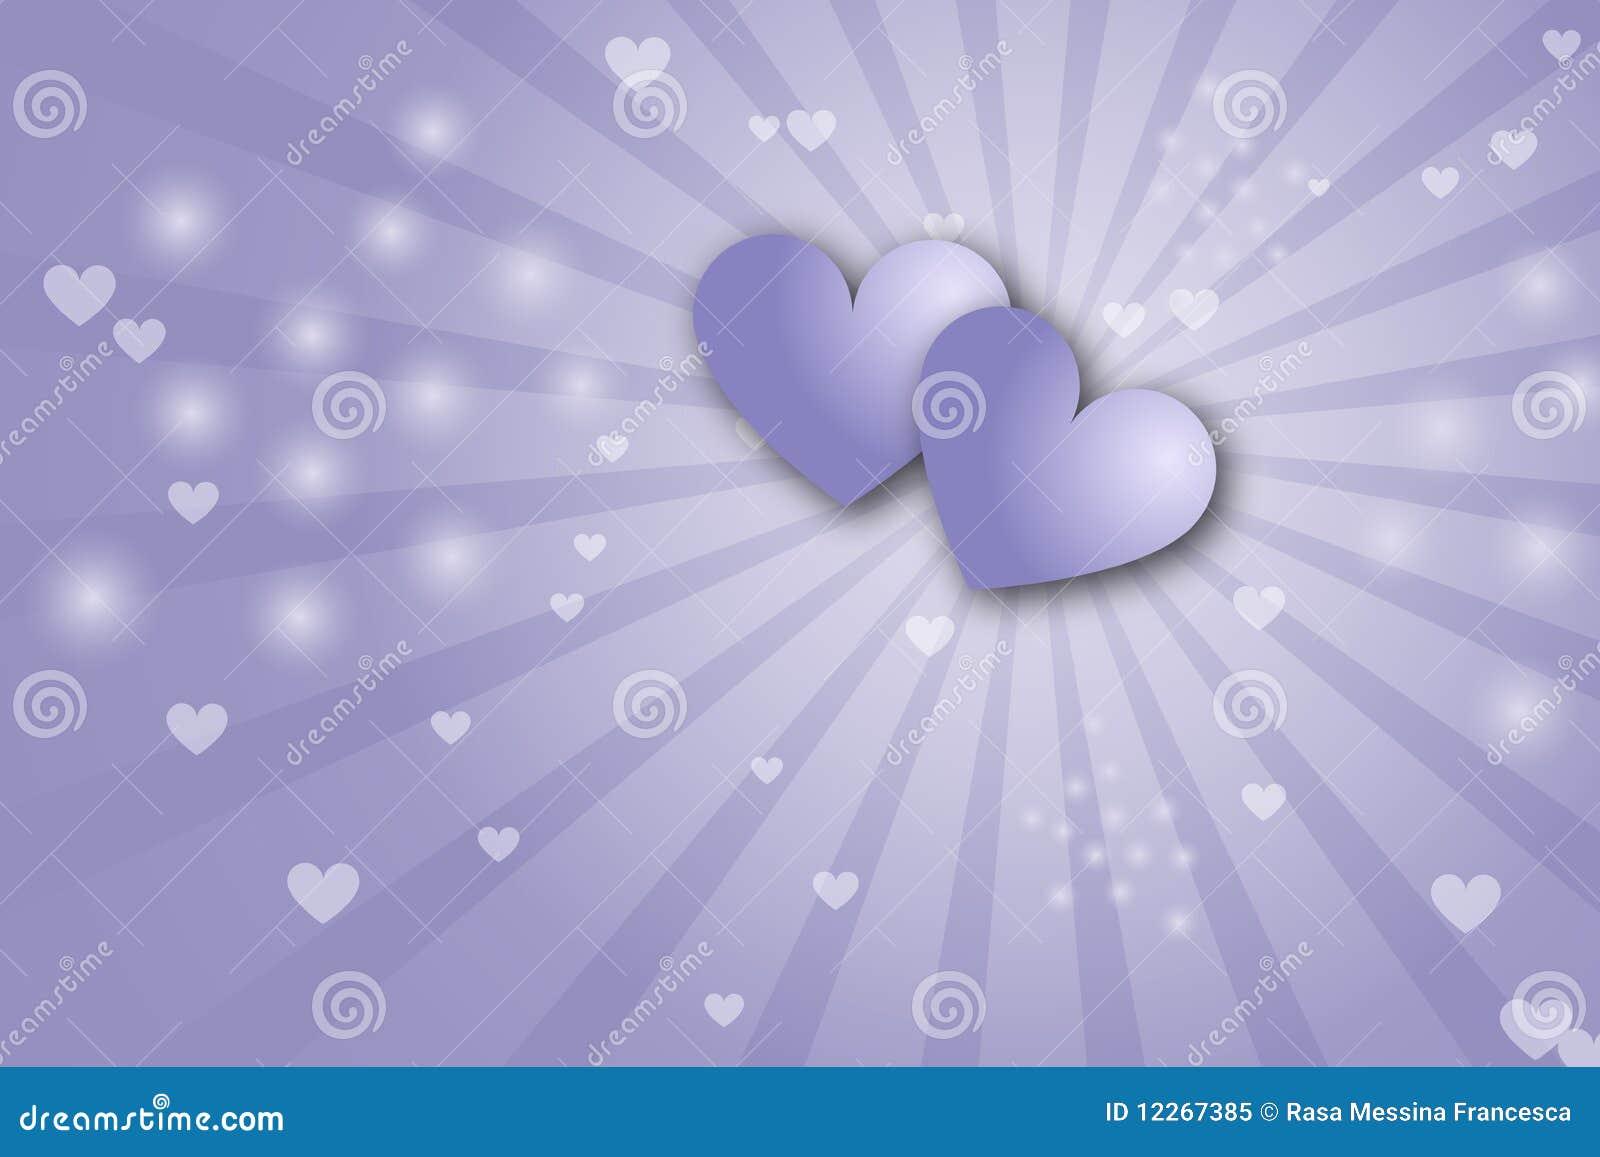 De achtergrond van harten - valentijnskaartthema